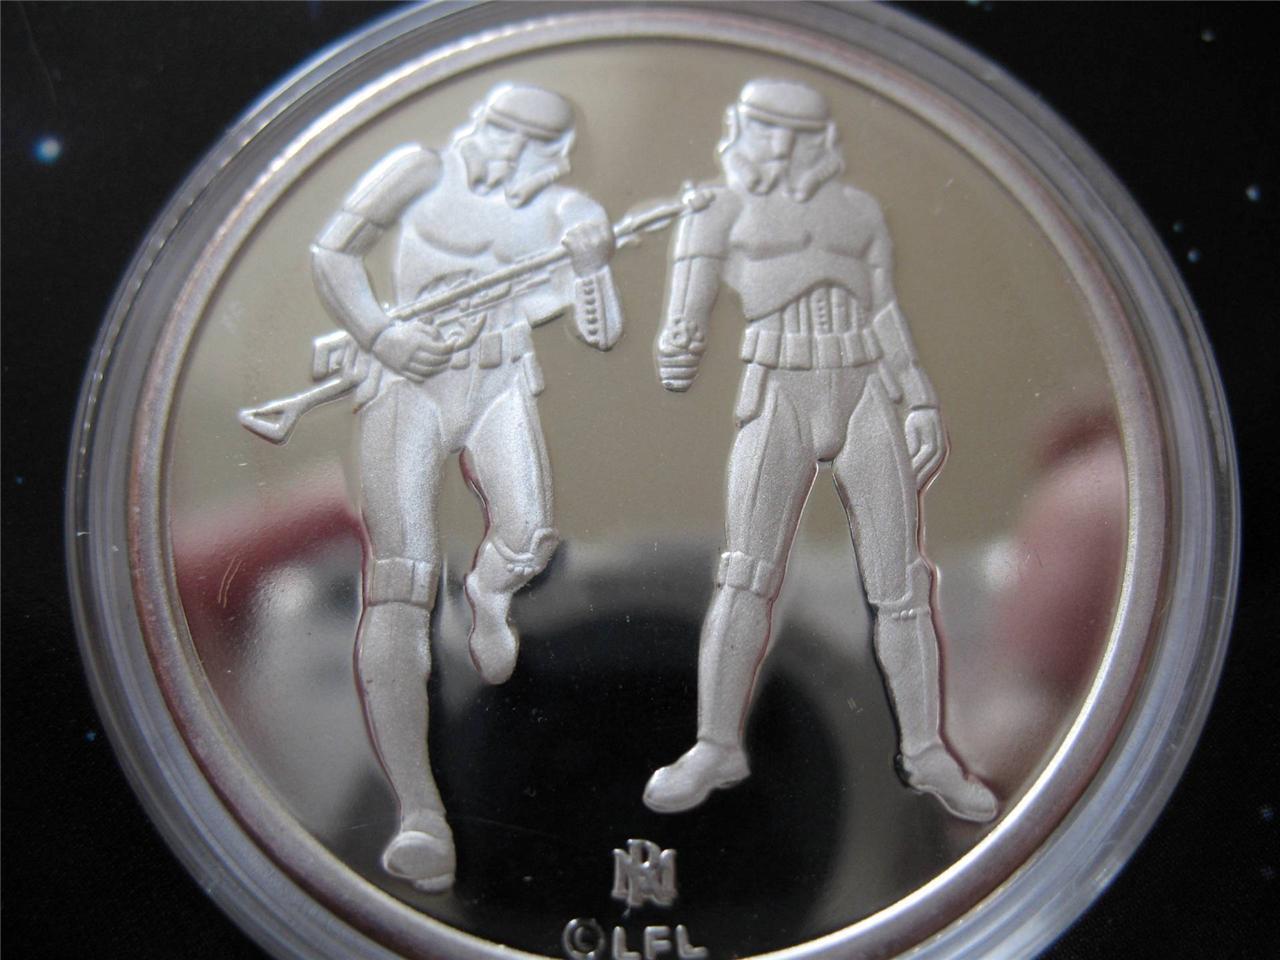 1-OZ.999 moneda de plata de Star Wars Luke Skywalker, imperial soldados de asalto + oro